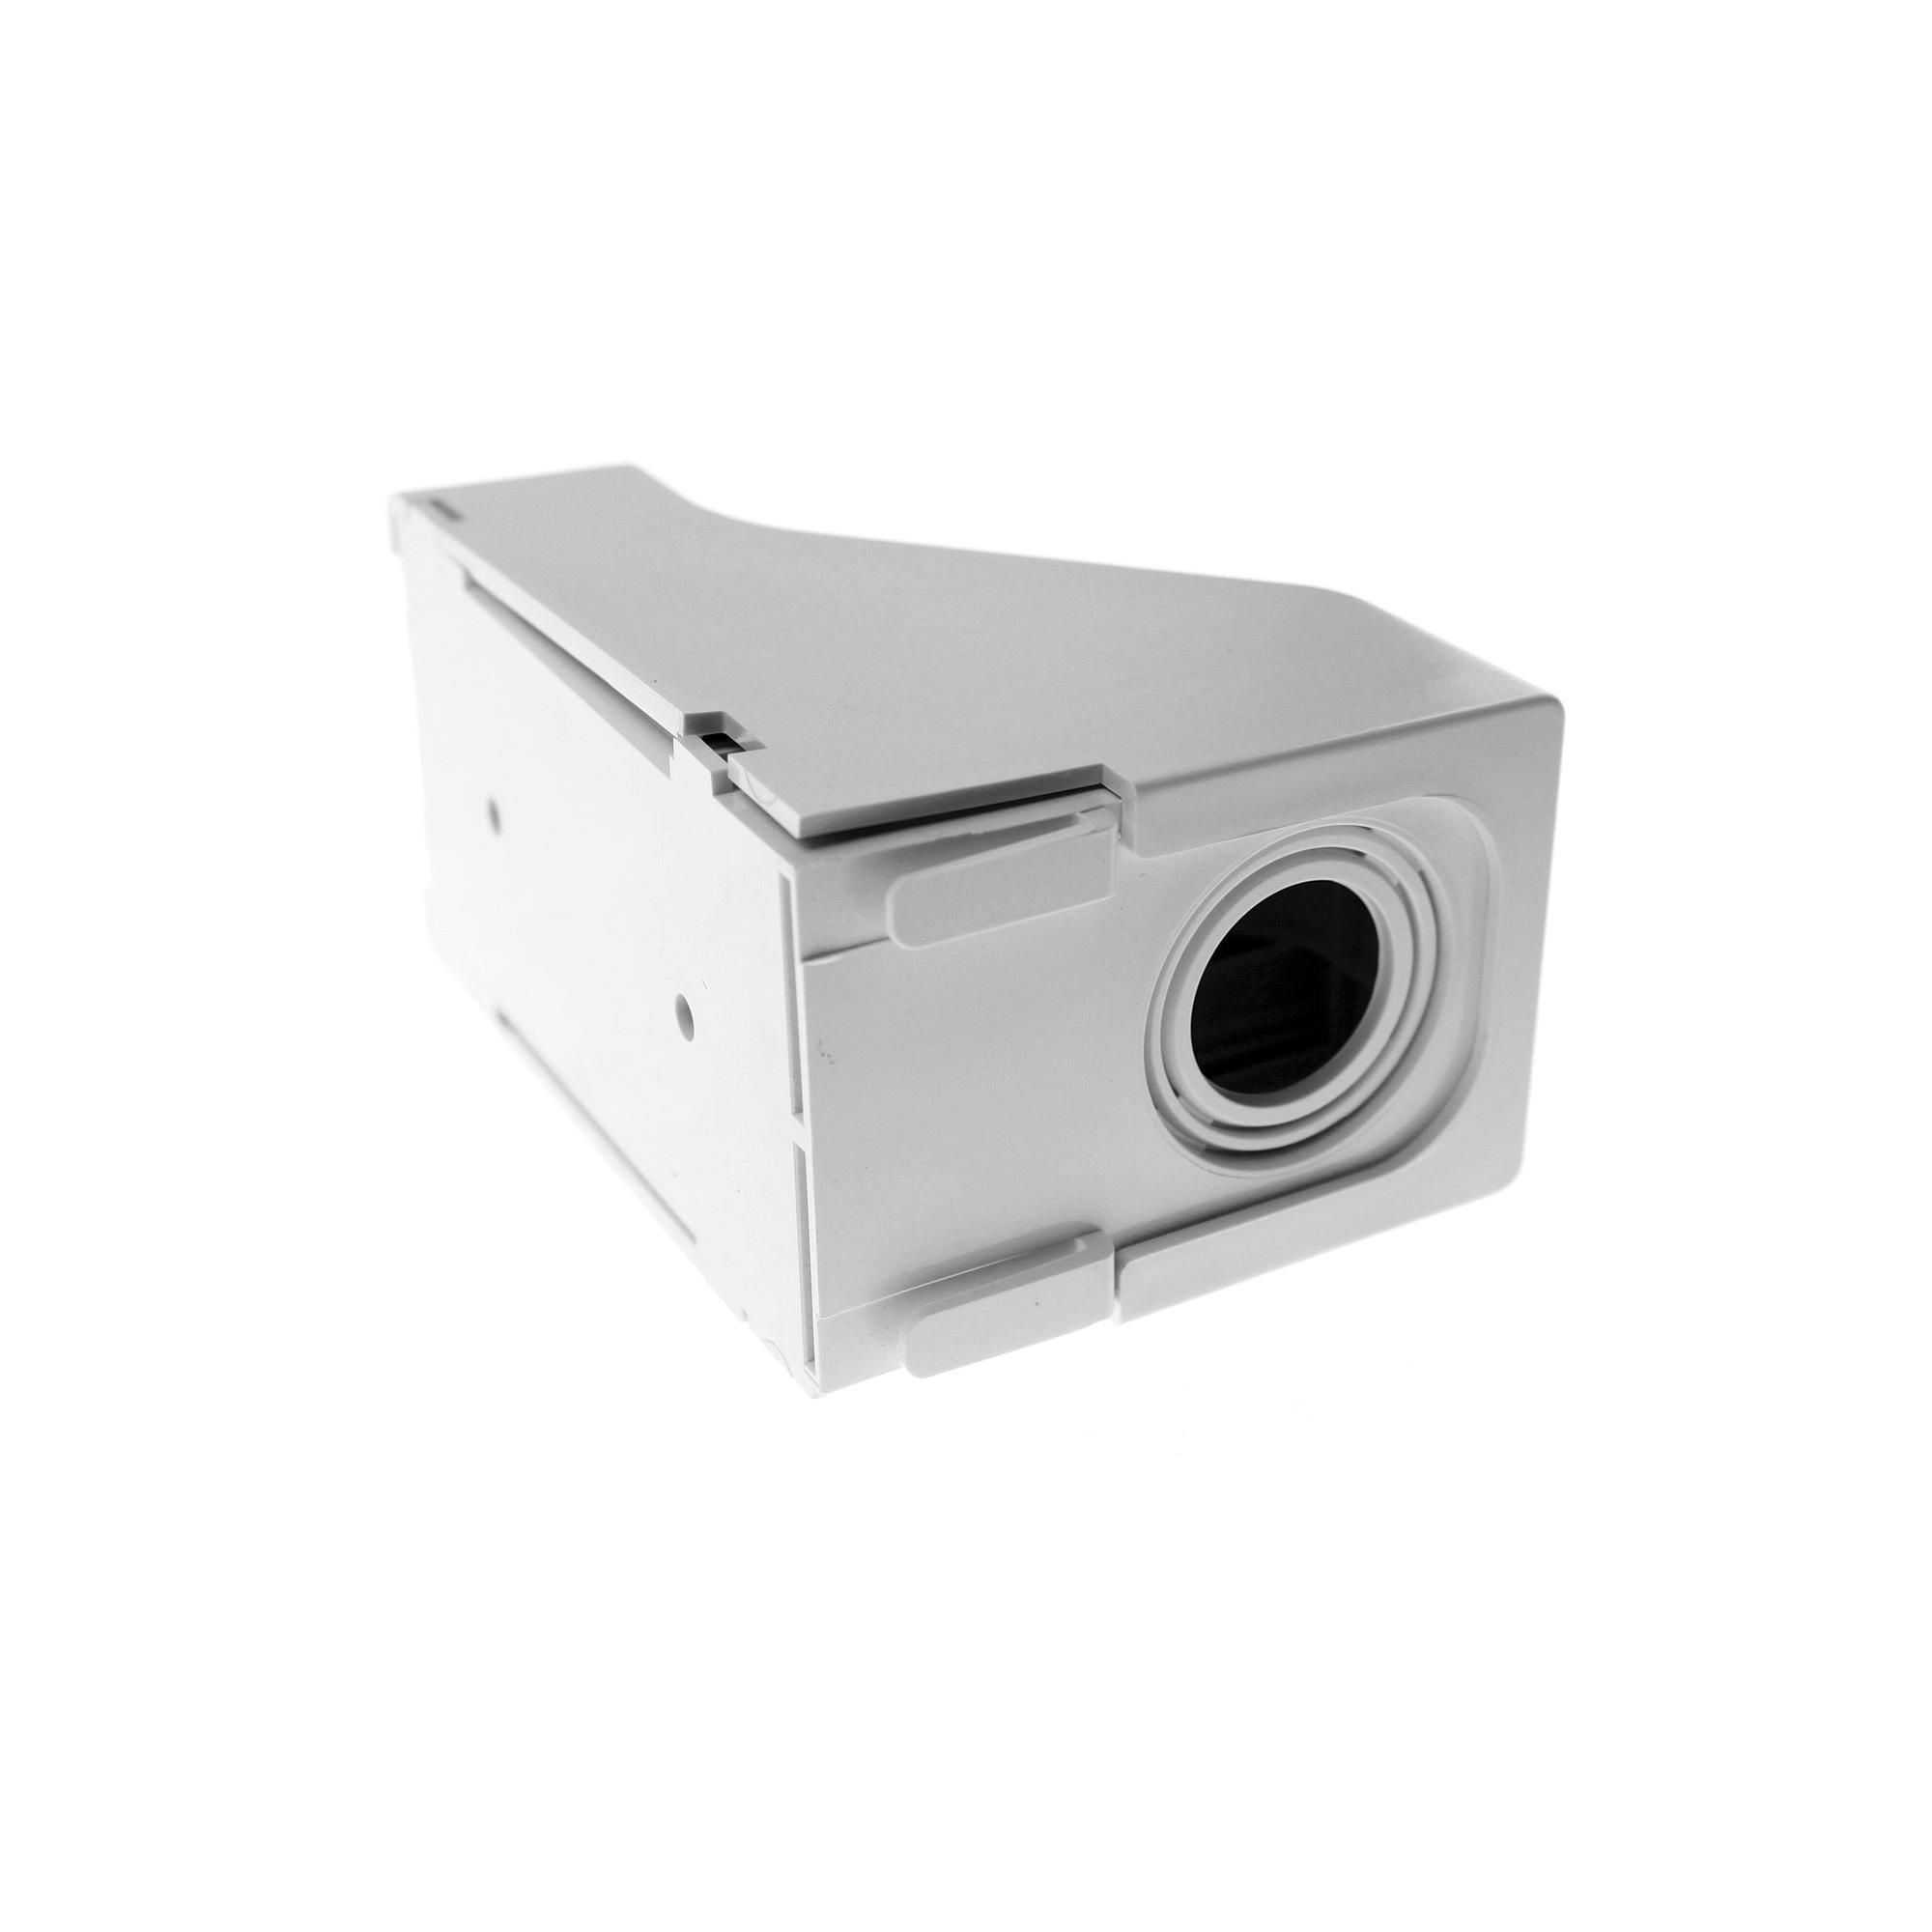 Accesorio Para Techo Falso/Entrada, Con Conexión Tubería 1/2 a 1 In, Compatible con Canaletas LD3, LD5 y LD10, Color Blanco Mate